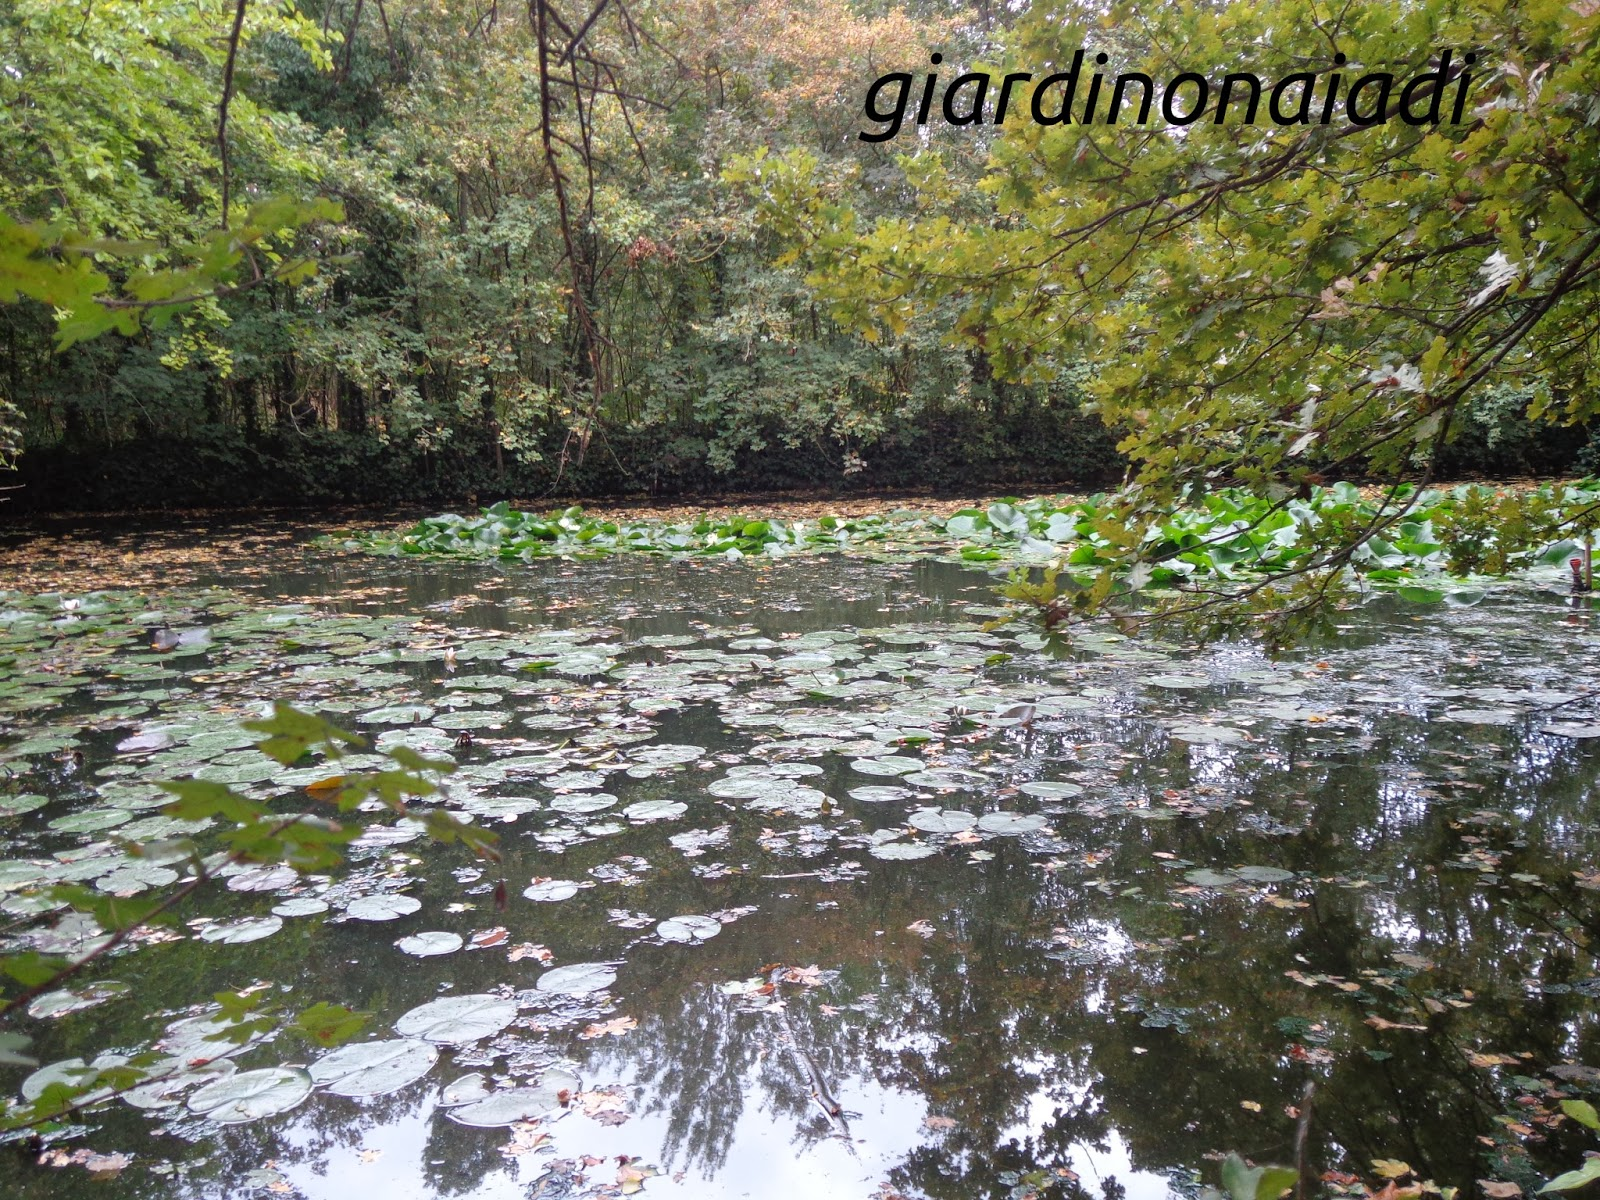 Il giardino delle naiadi cigni reali i sovrani del laghetto for Laghetto naturale